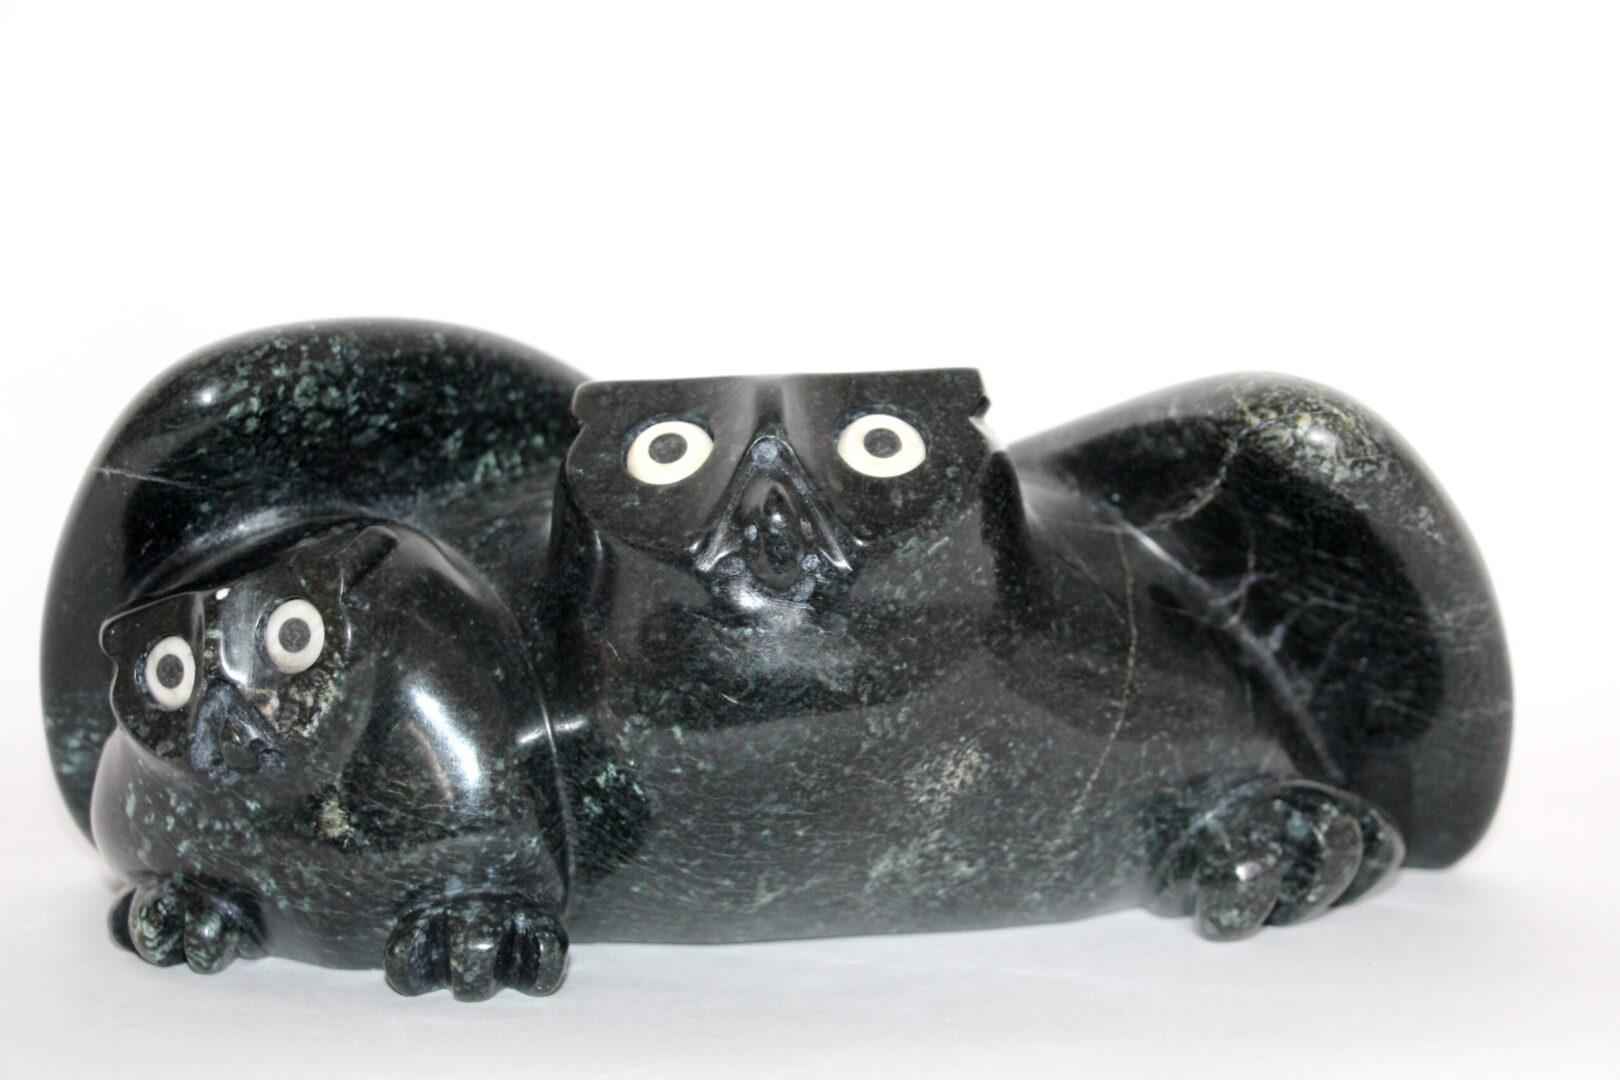 owls Inuit Art Sculpture in Serpentine